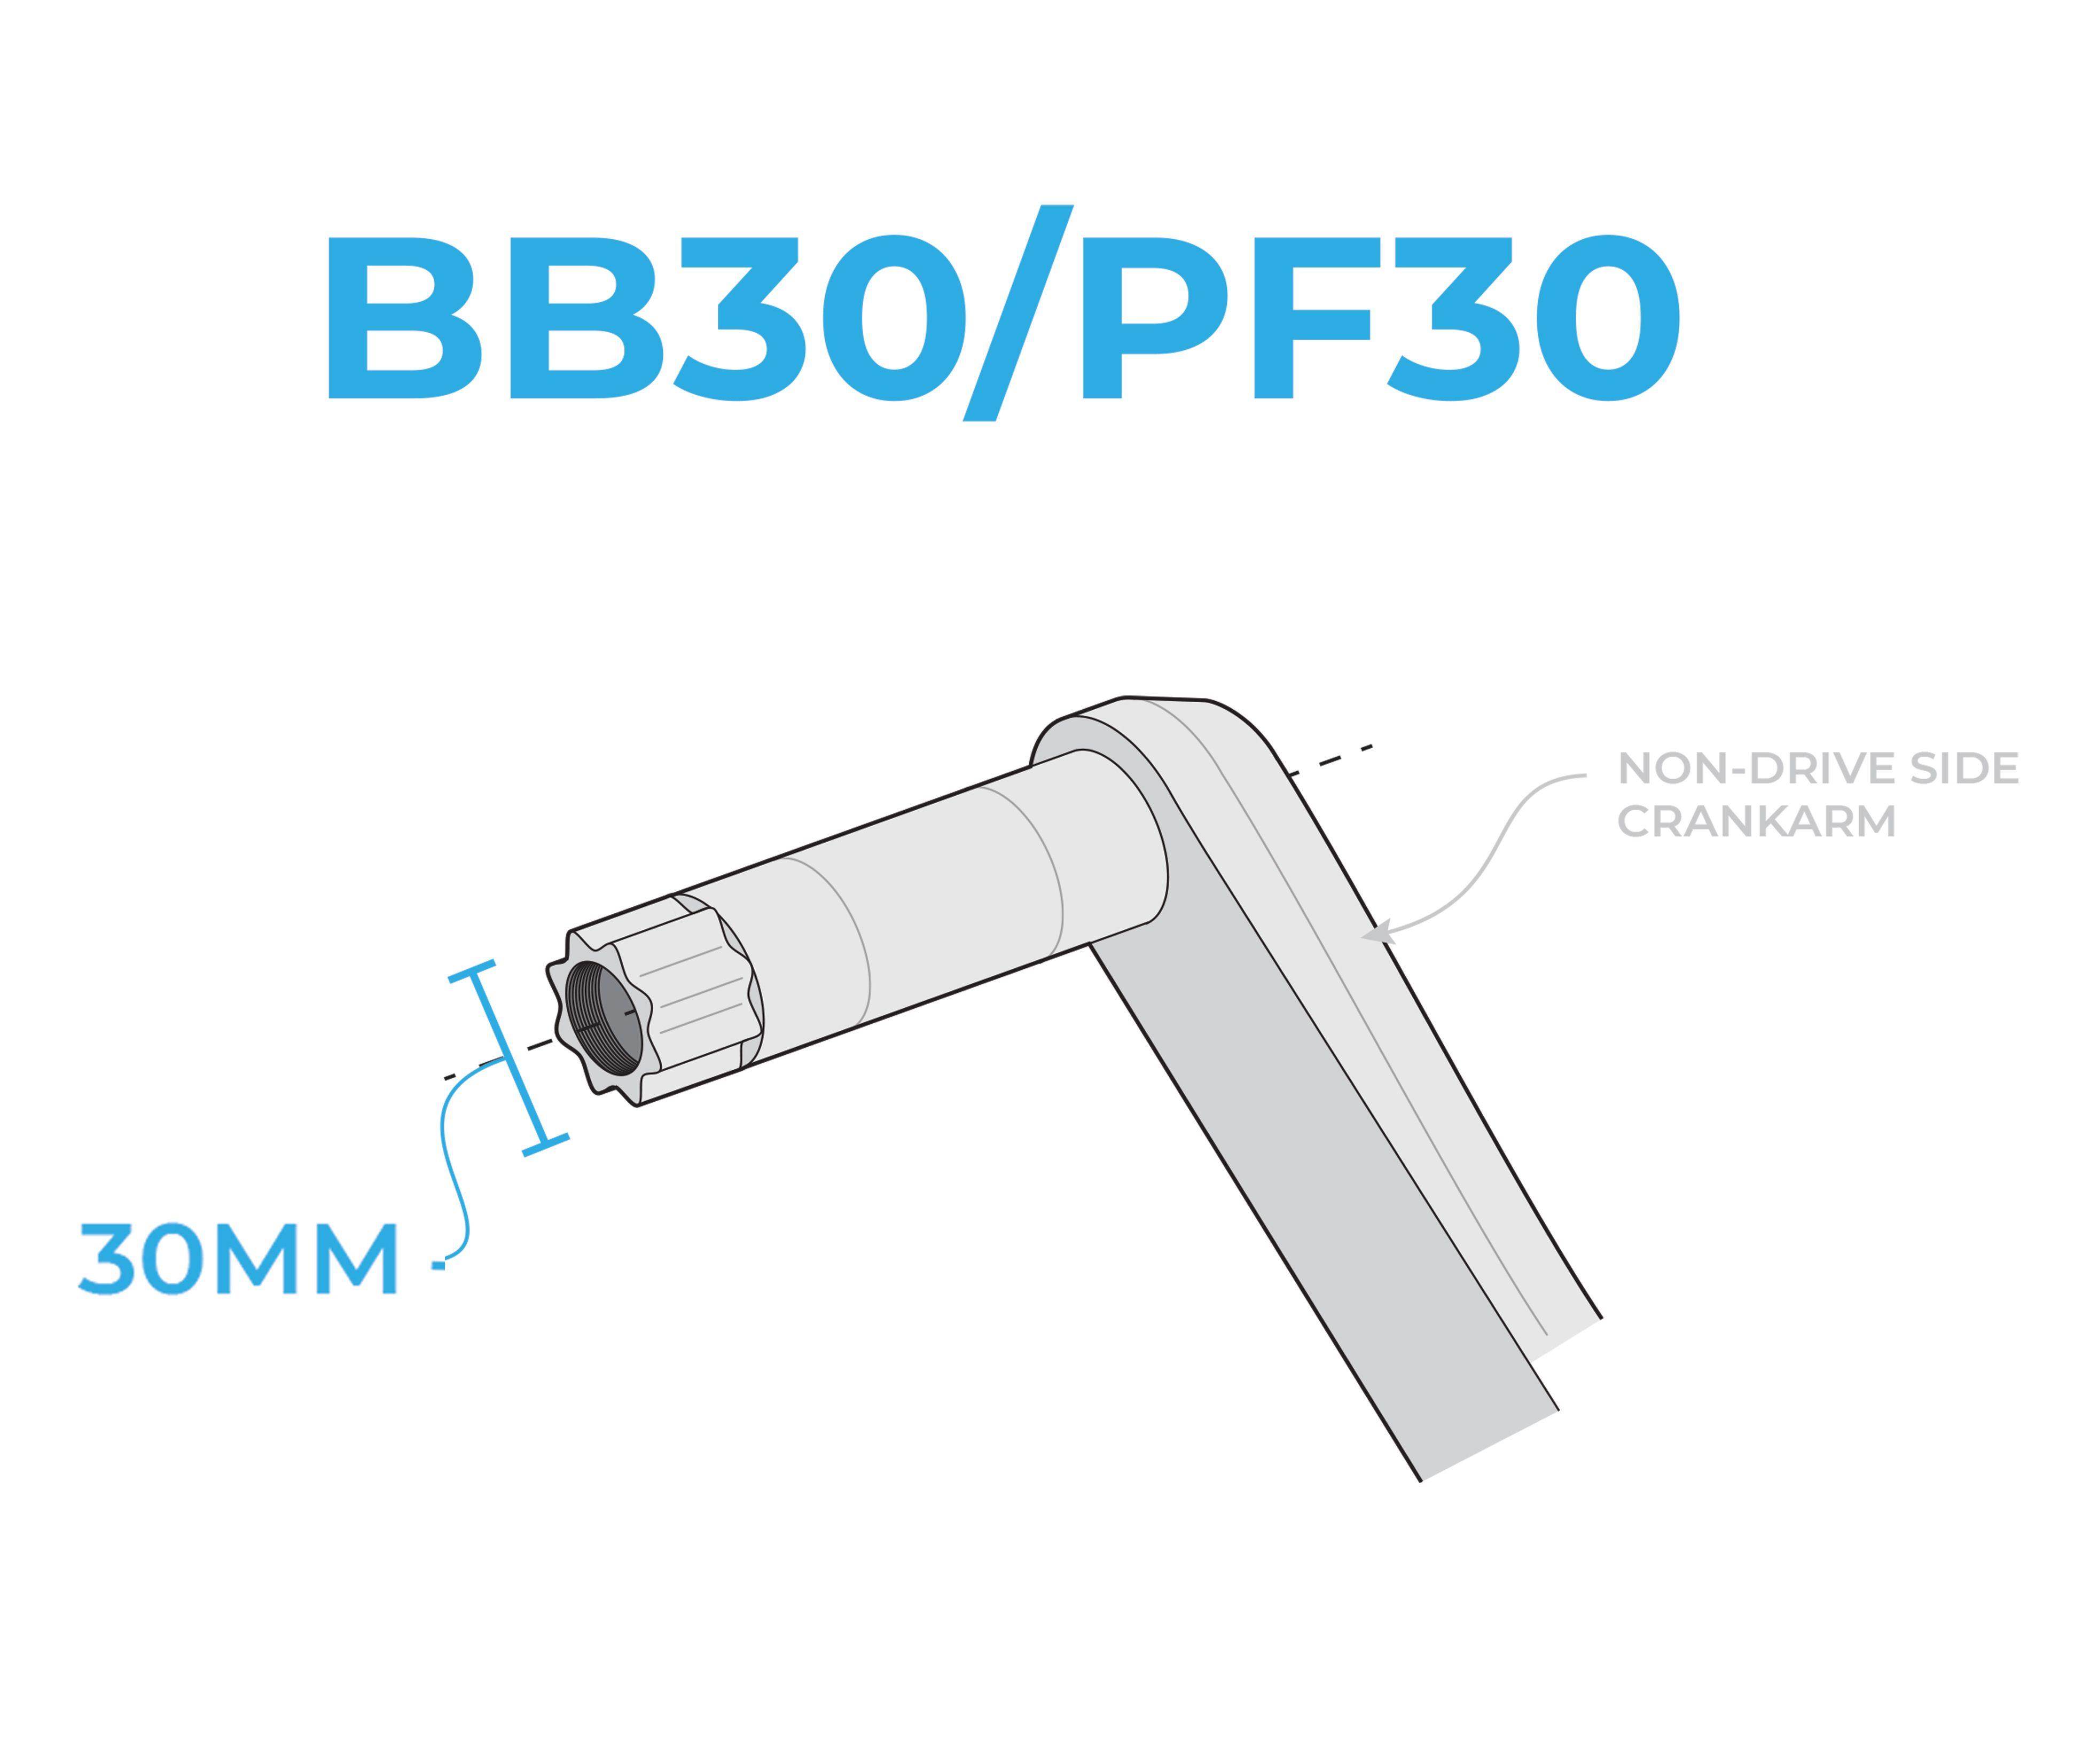 BB30/PF30